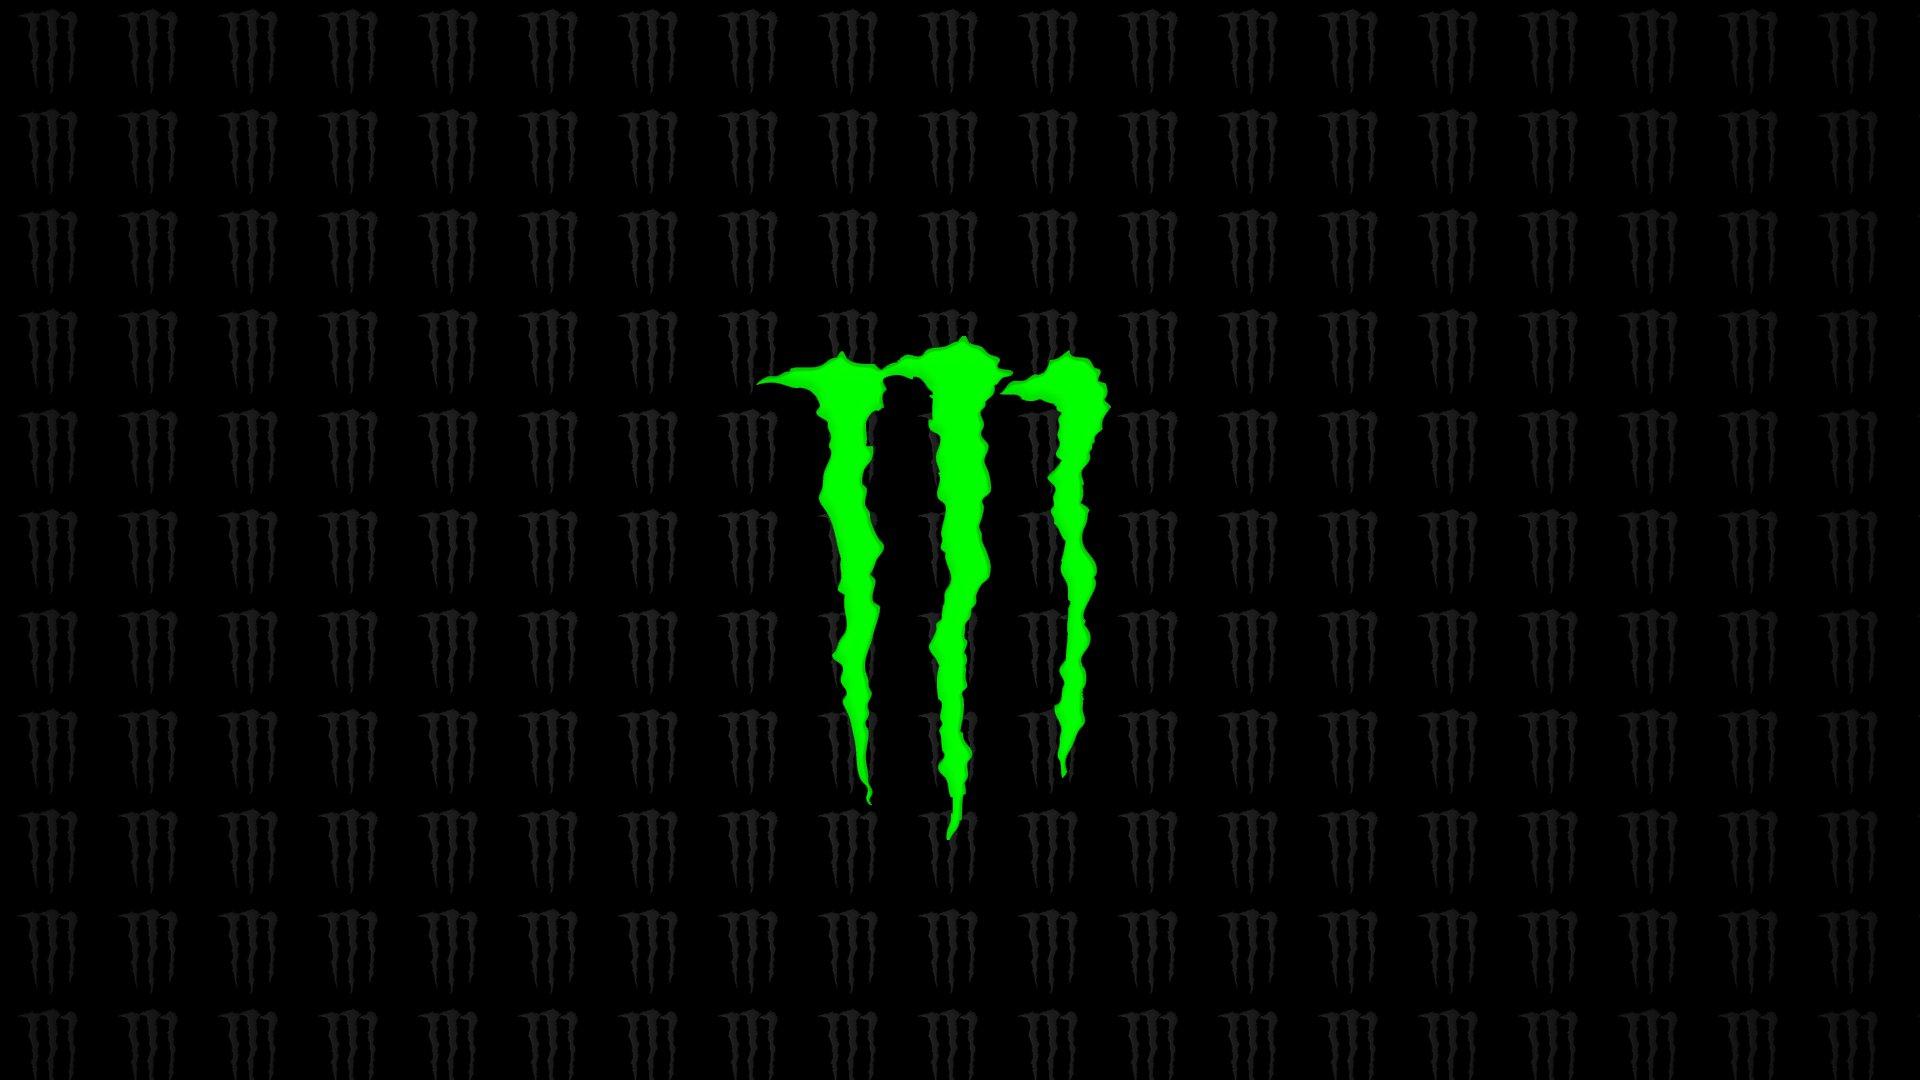 Monster Energy Logo Wallpaper 1920x1080 584223